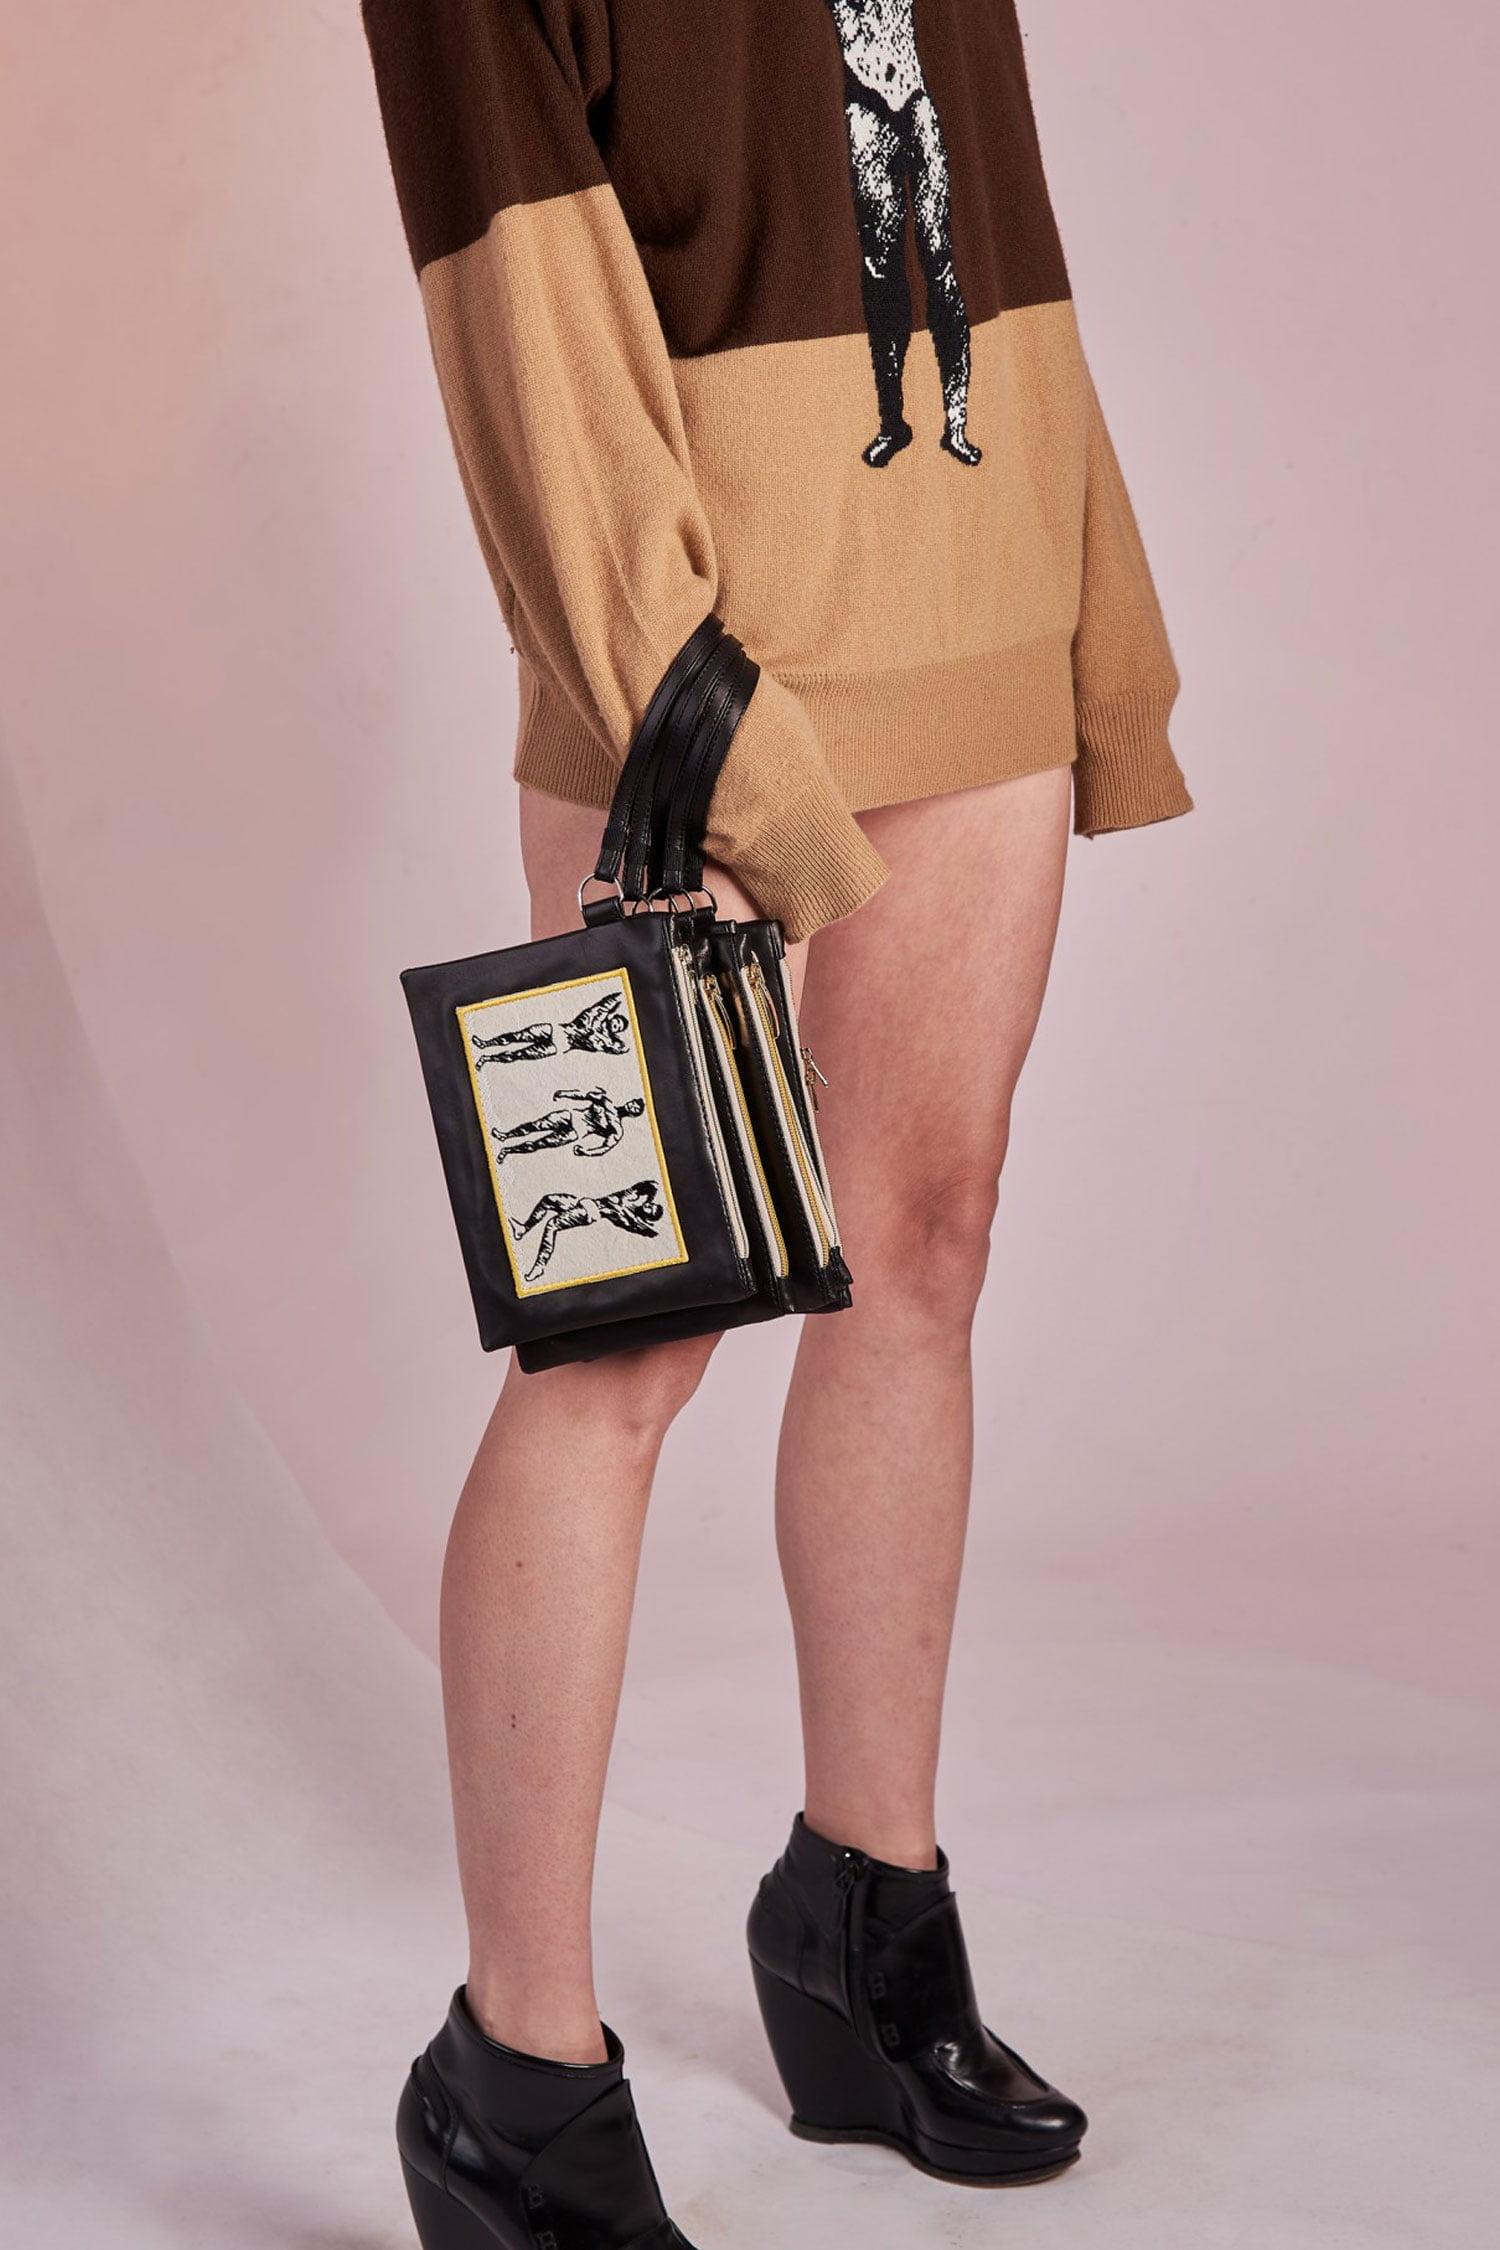 AW2018-19 Clutch Bag / Torebka Skorzana